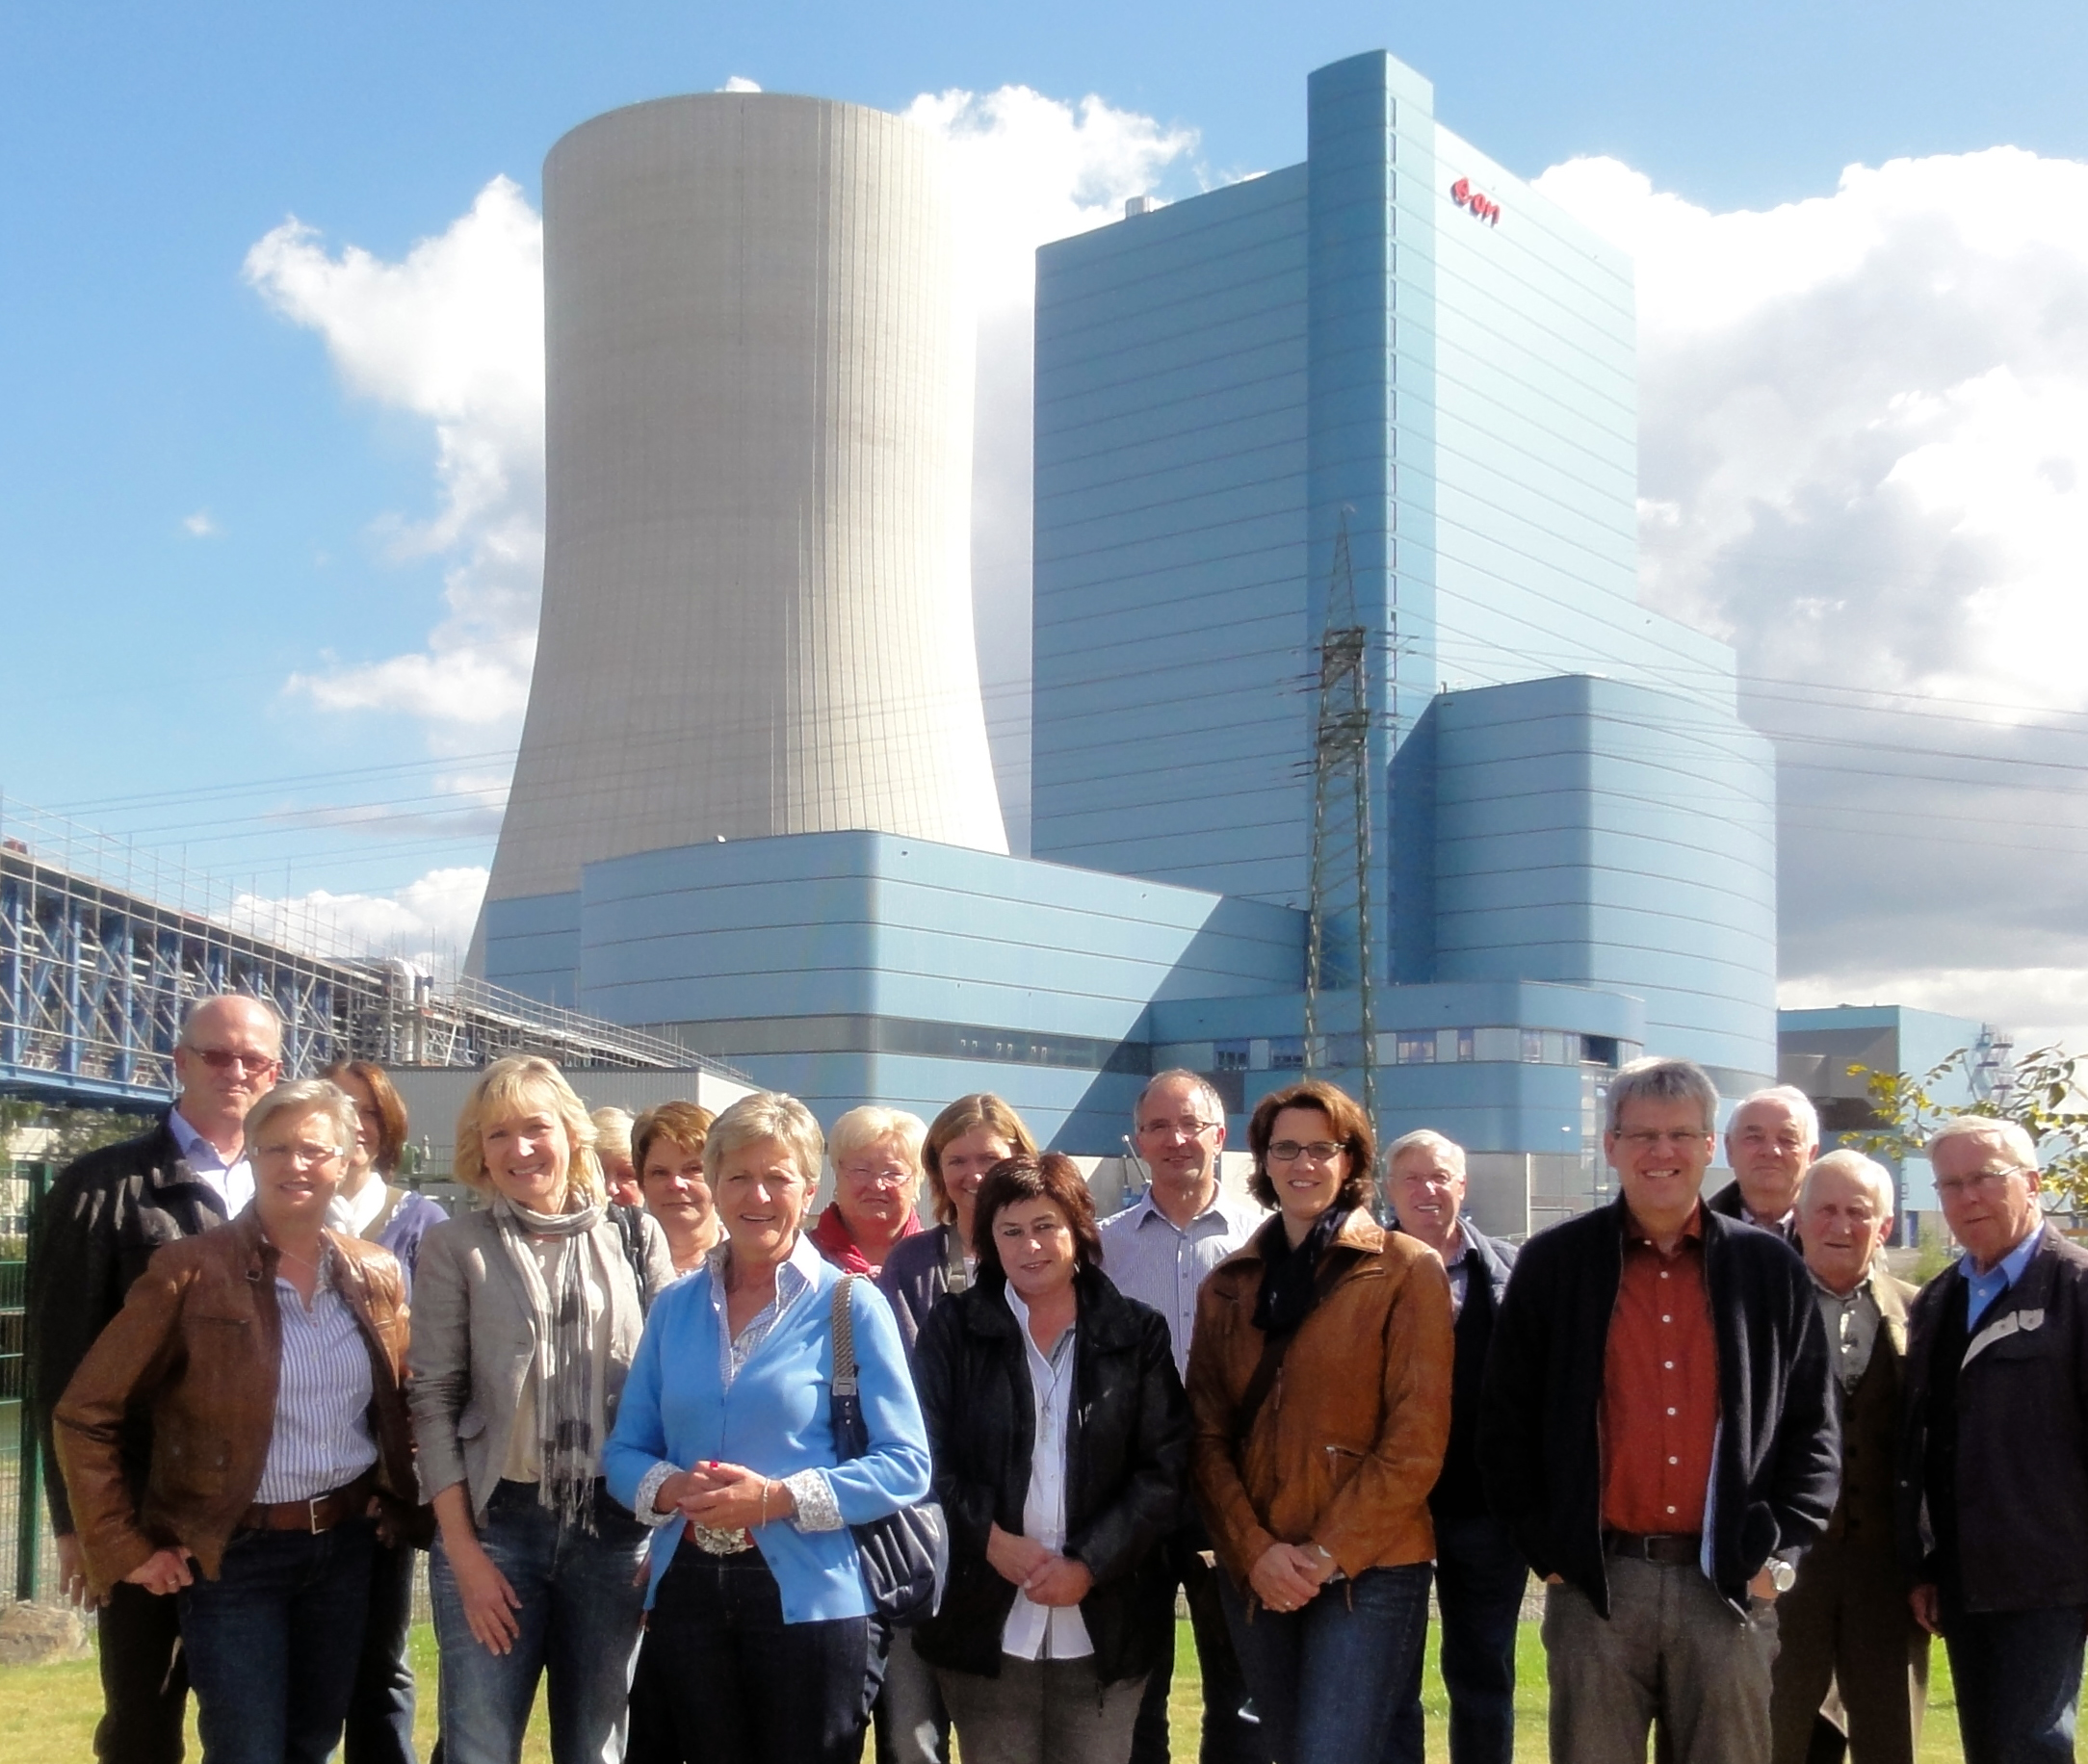 Teilnehmergruppe der FU Raesfeld-Erle vor dem Kraftwerk Datteln 4